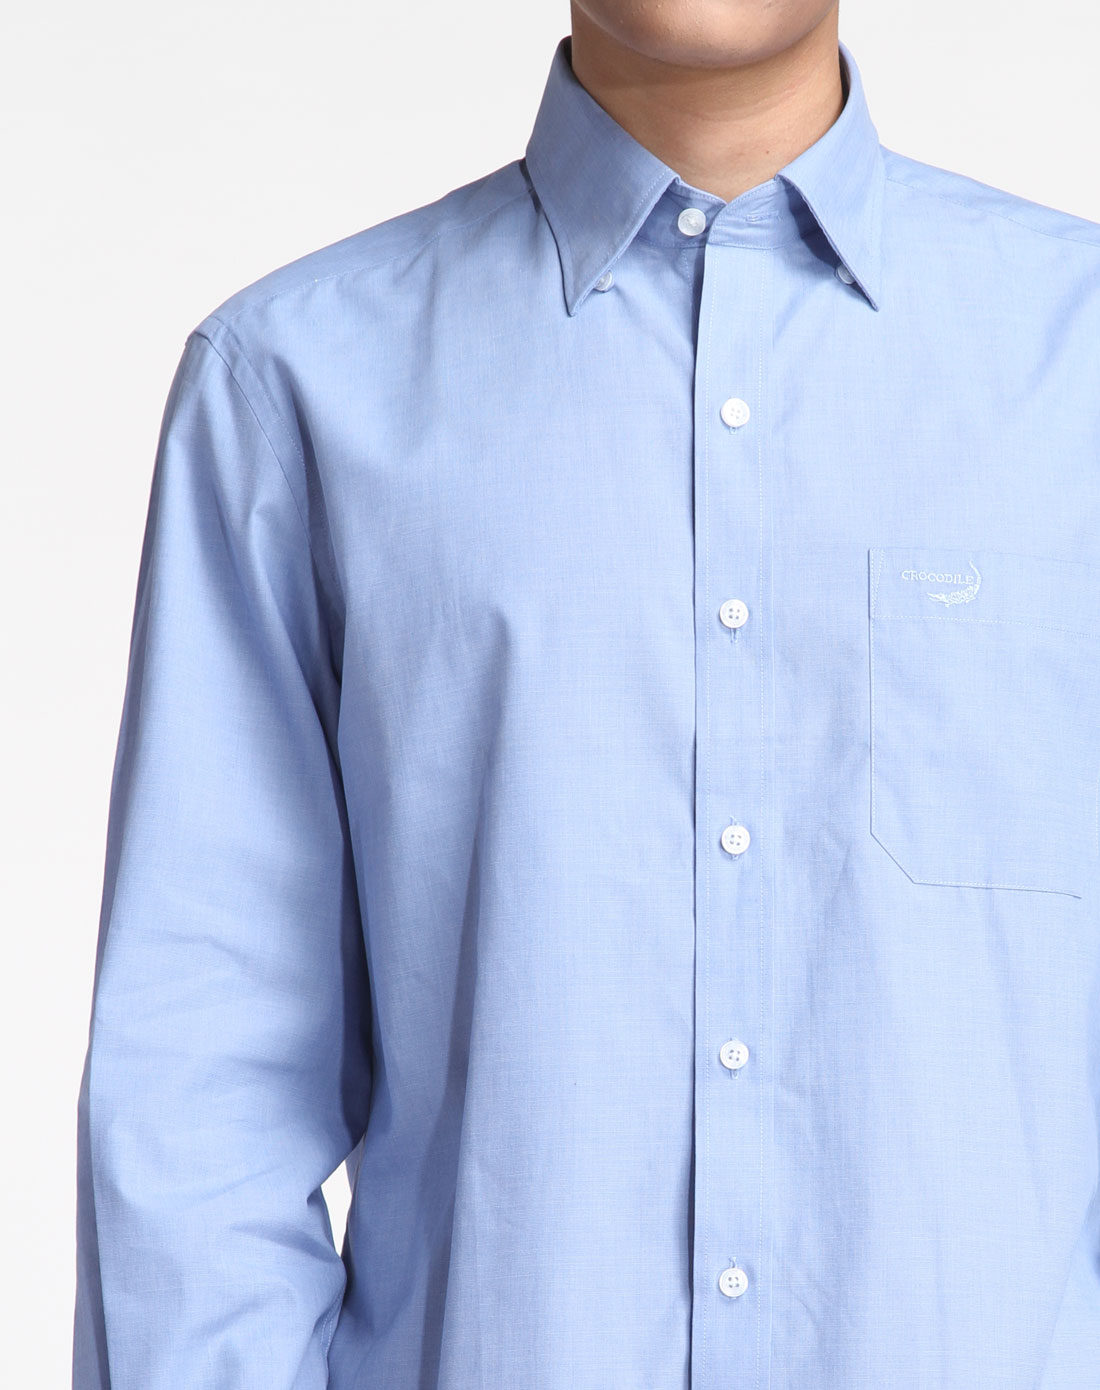 浅蓝色简洁商务长袖衬衫